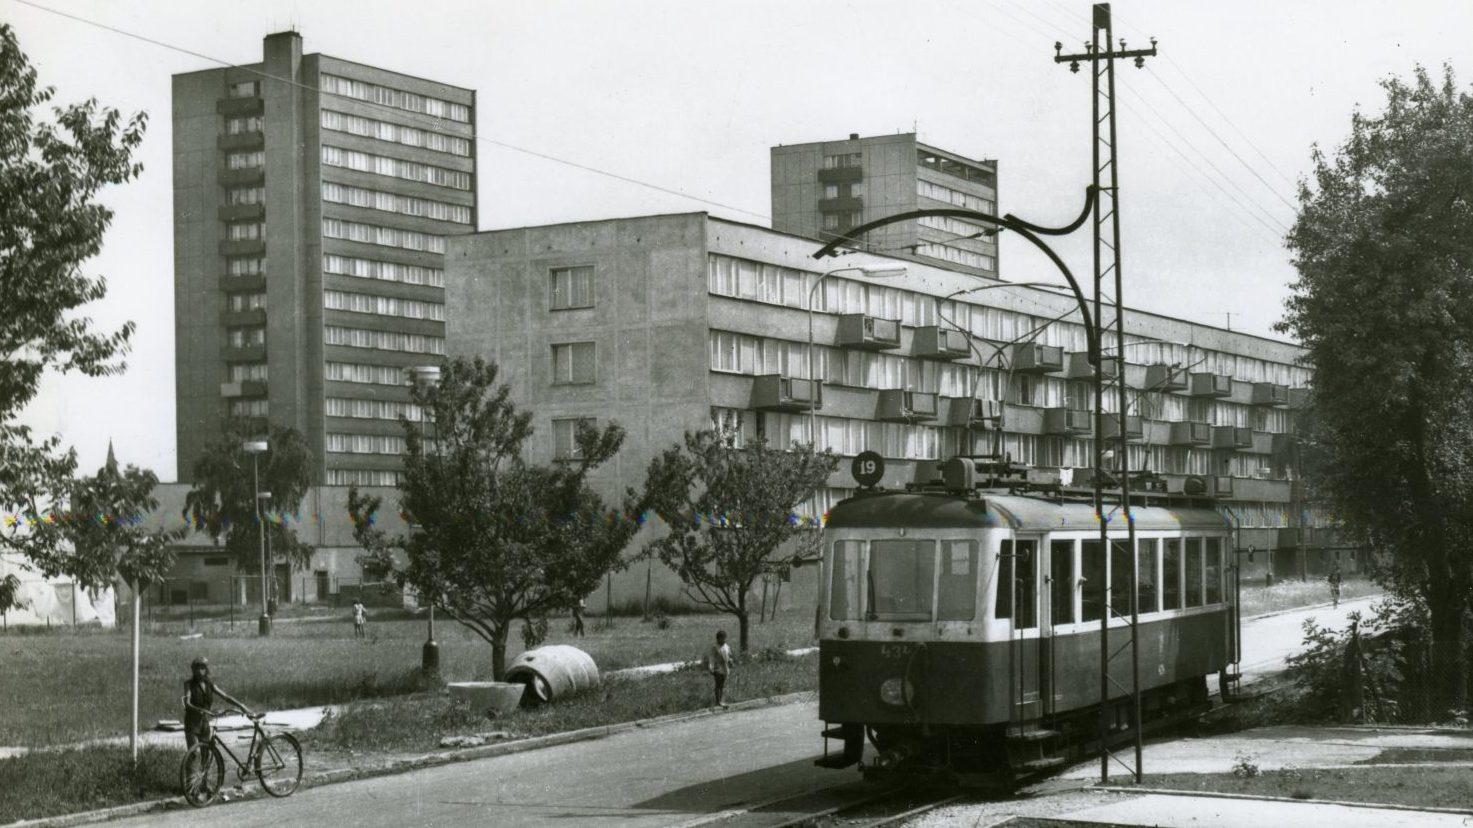 Známá fotografie s motorovým vozem ev. č. 434 z vagónky Česká Lípa (r. v. 1954) v nové zástavbě v Bohumíně. (sbírka: Jindřich Sulek)